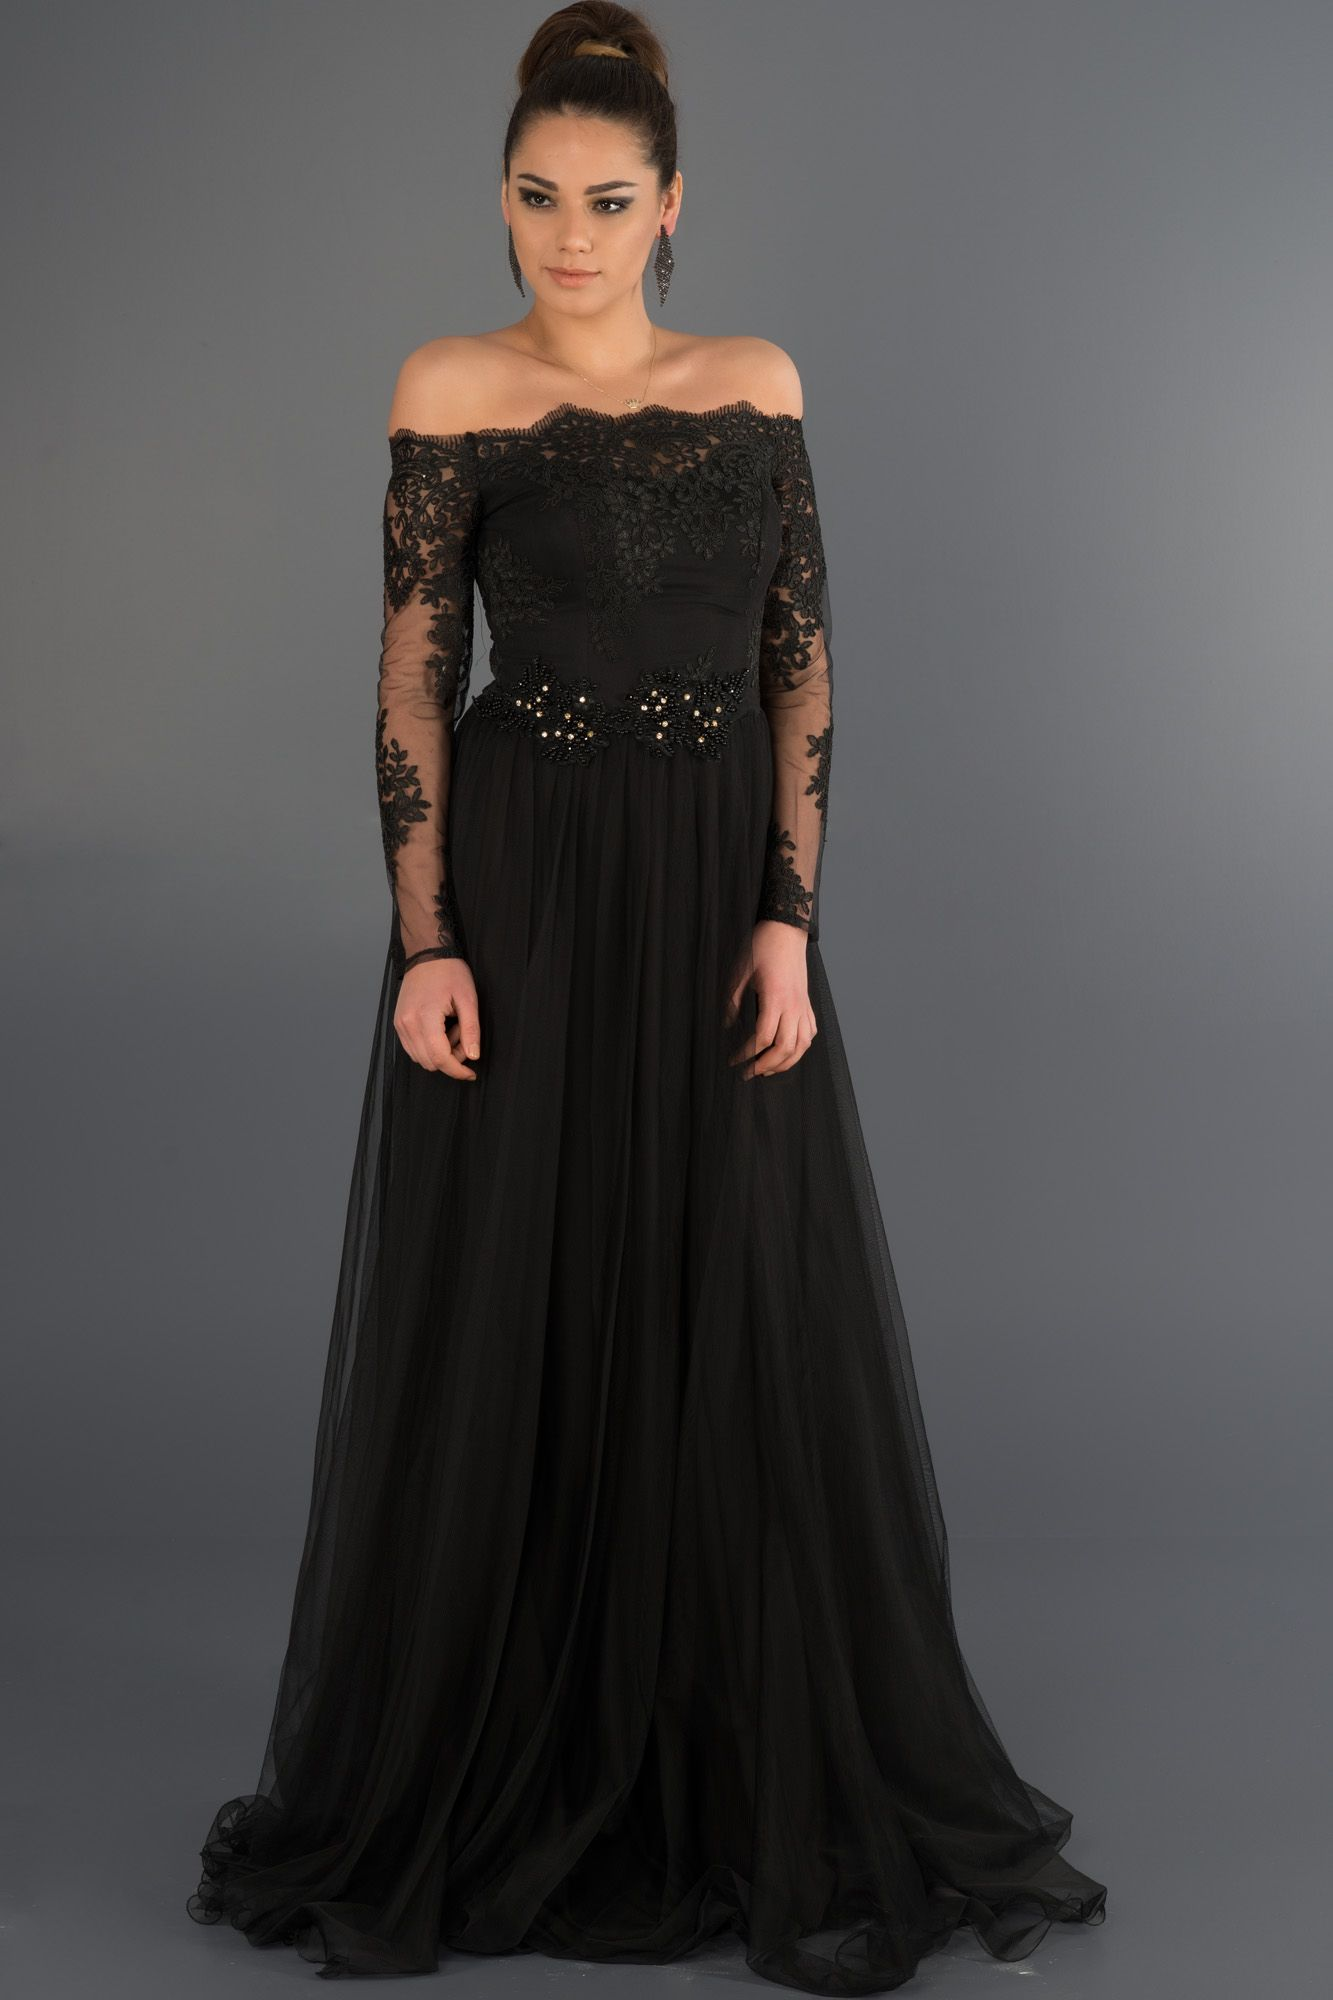 Siyah Dantelli Uzun Kollu Abiye Abu019 Elbise Kadin Kiyafetleri Moda Stilleri